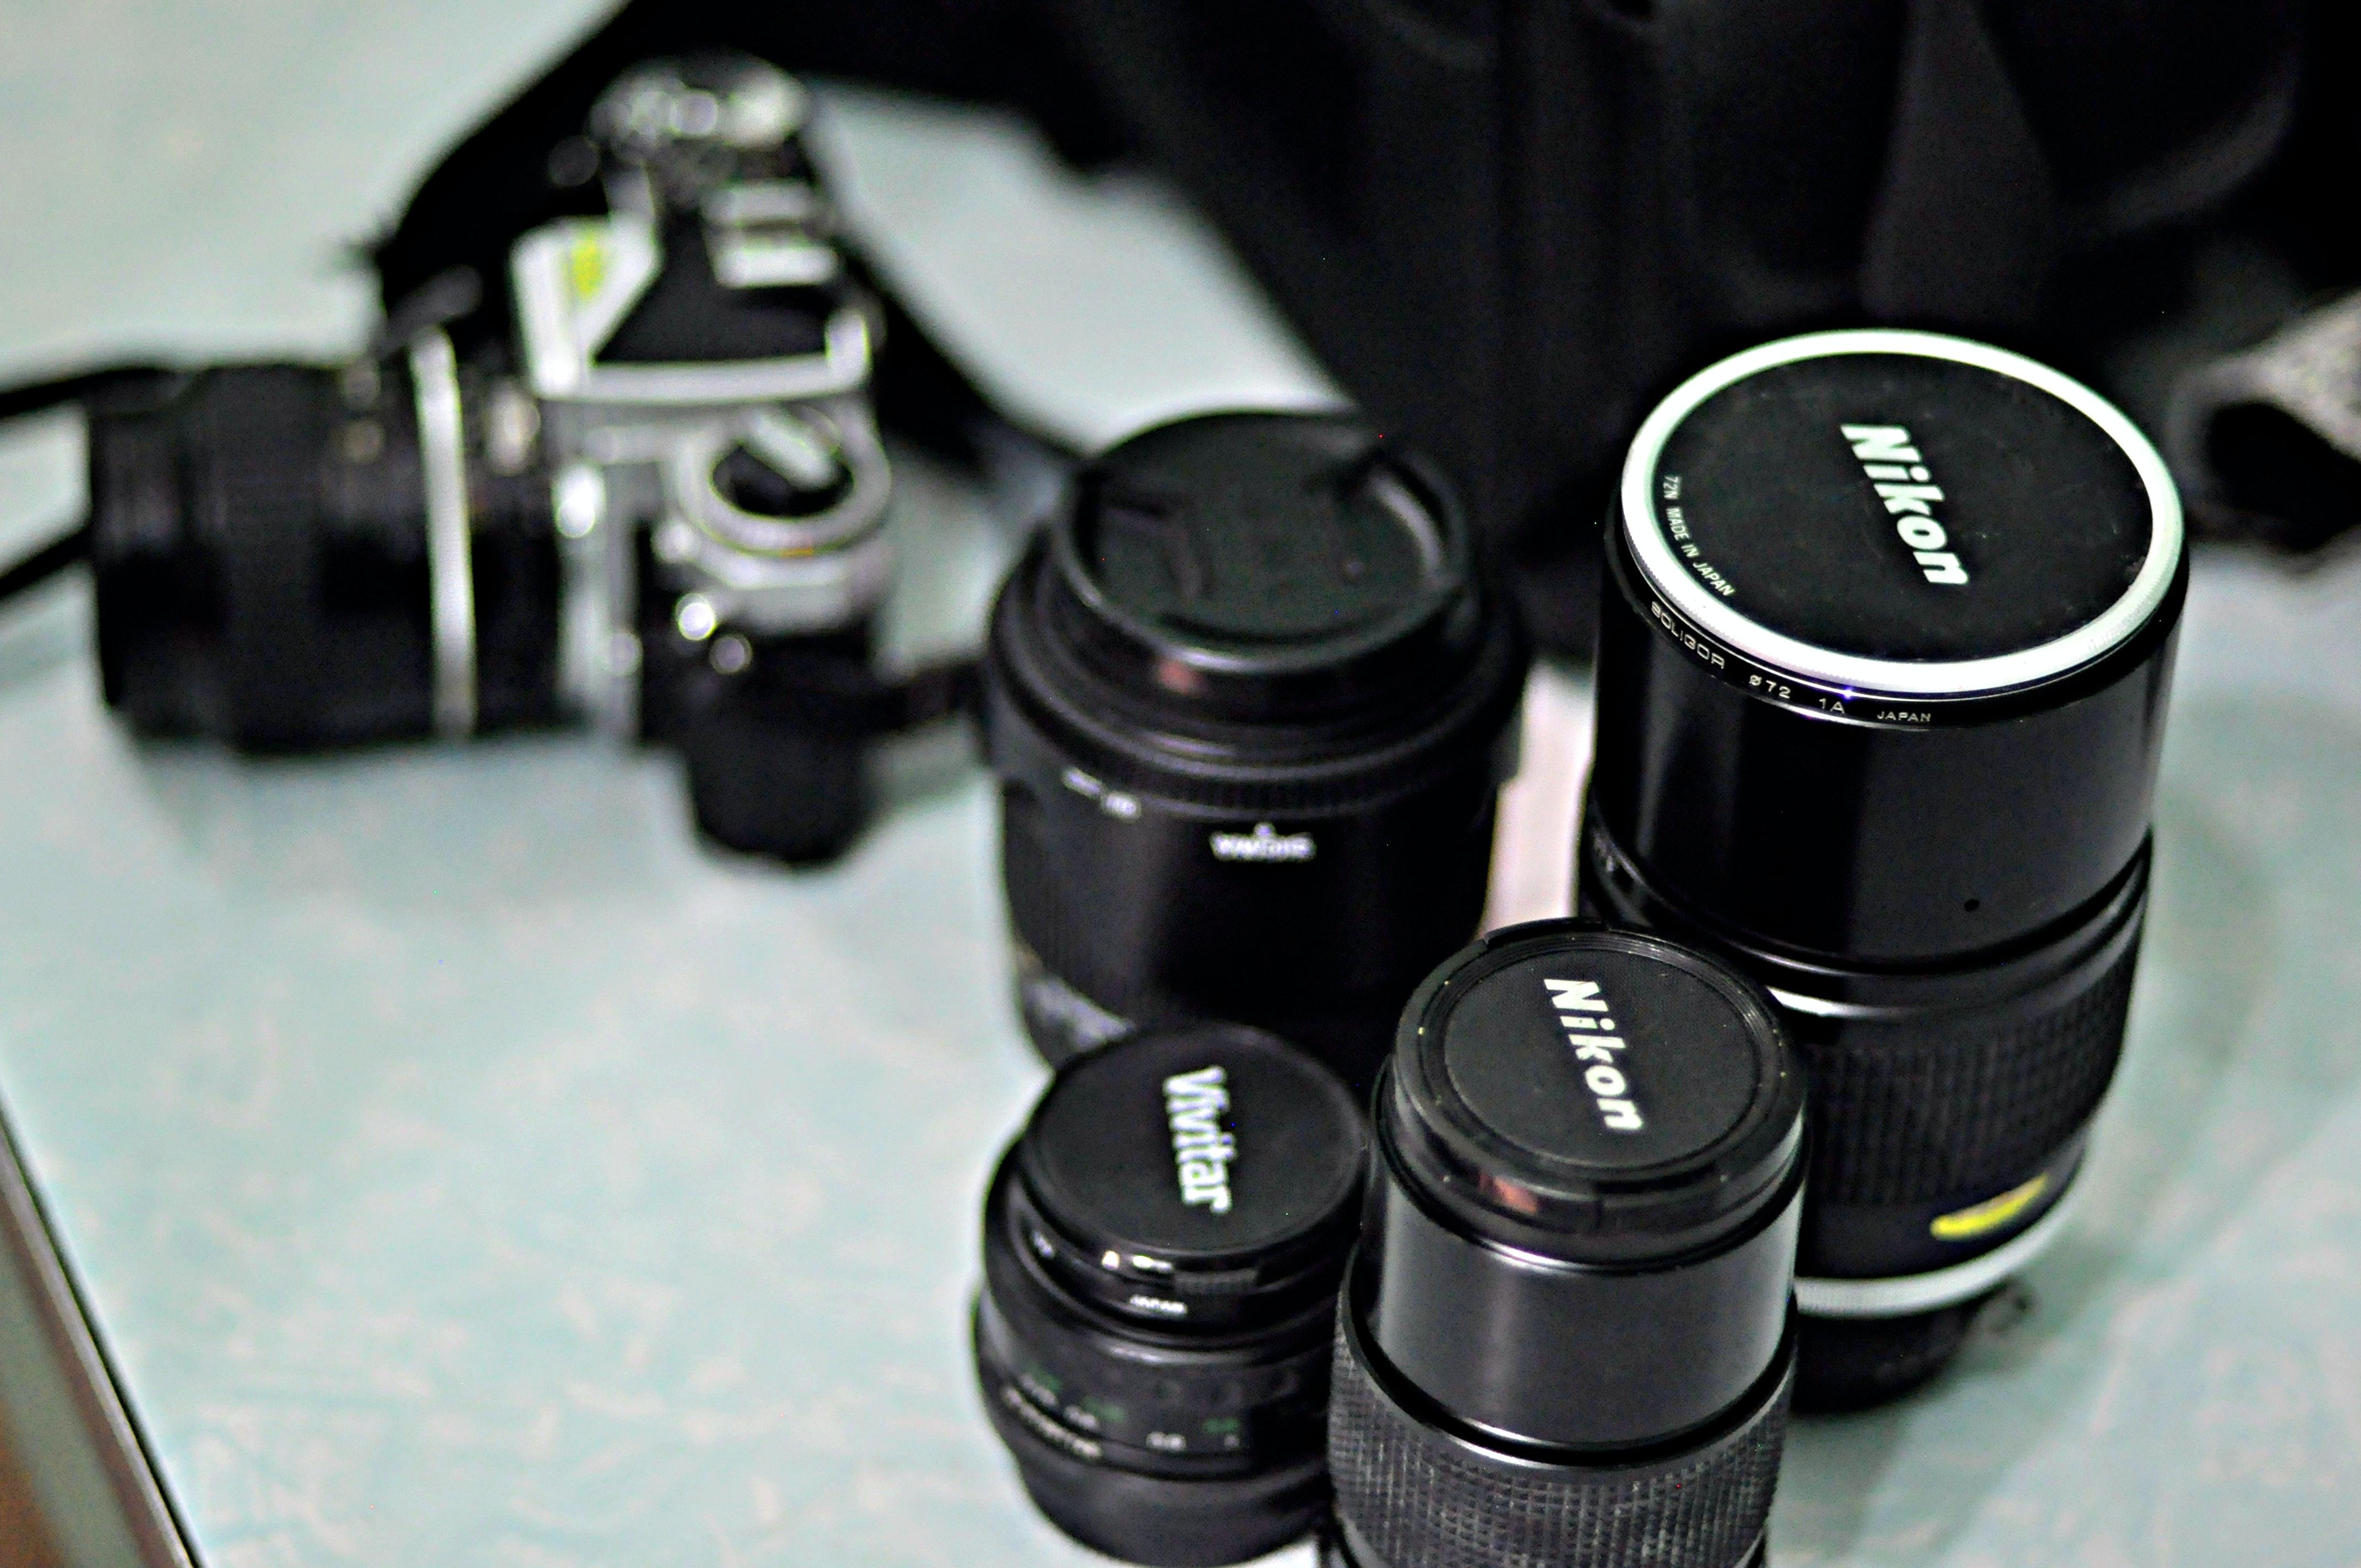 Four Black Nikon Zoom Camera Lens · Free Stock Photo